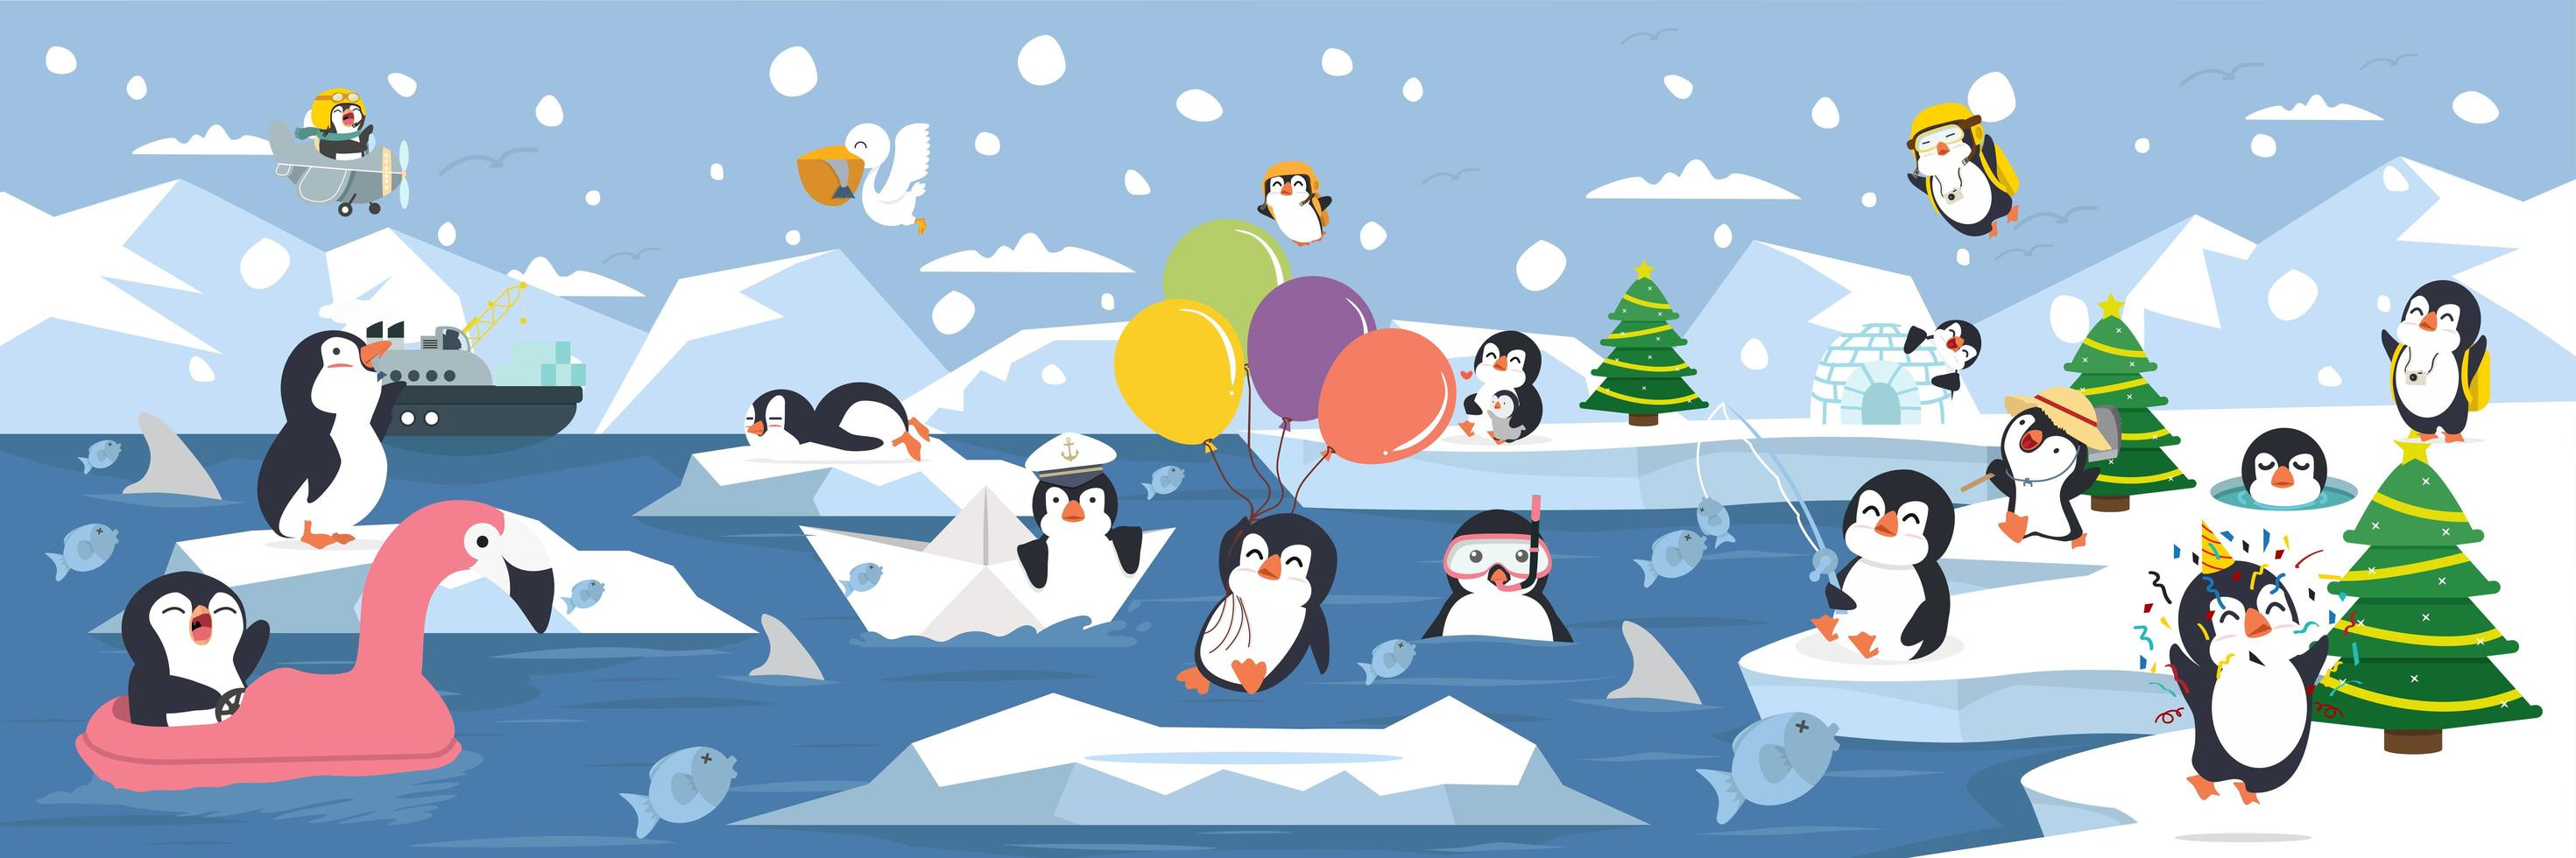 Familia de pingüinos divirtiéndose en el fondo del paisaje ártico vector